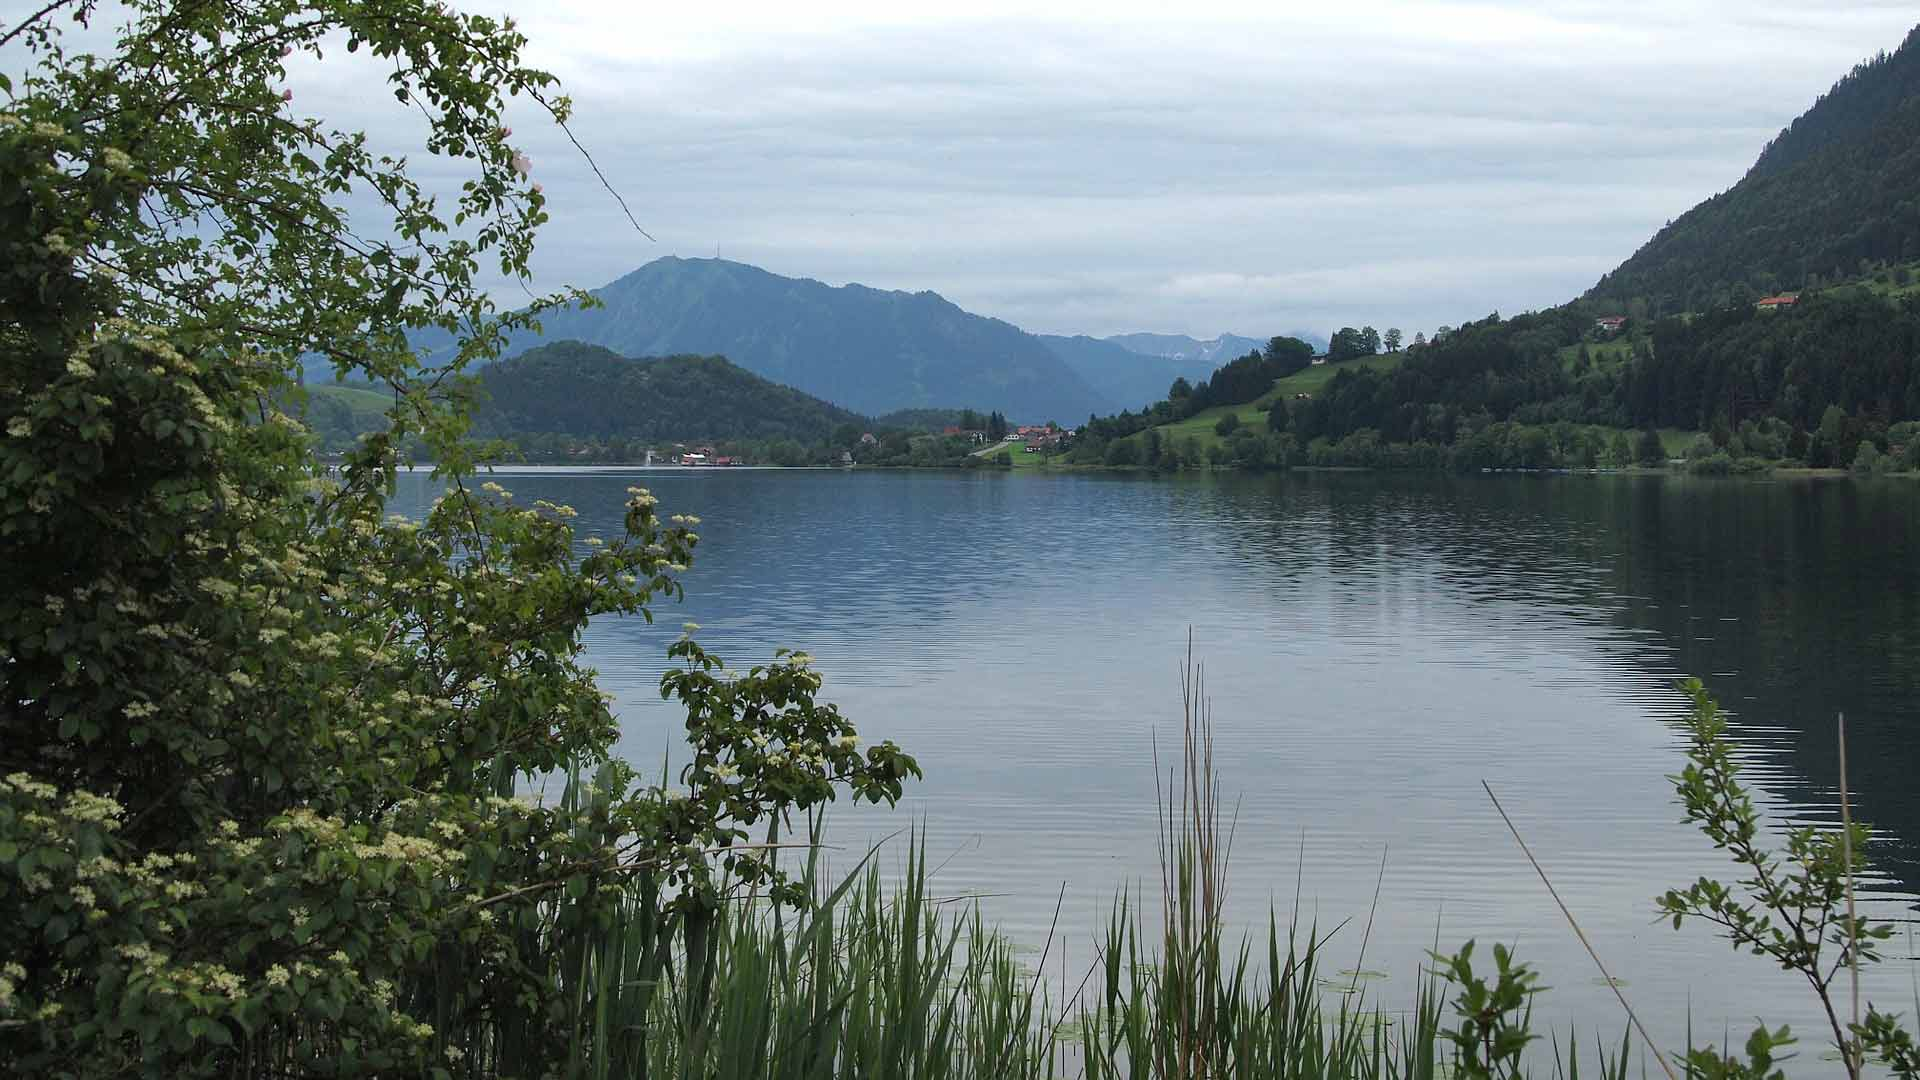 Bij Immenstadt ligt een groot meer.